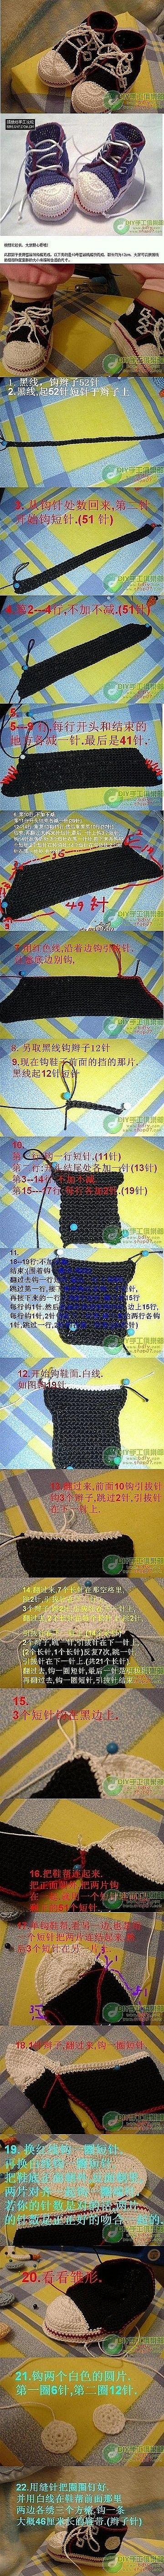 zapatitos de bebe tejidos-crochet